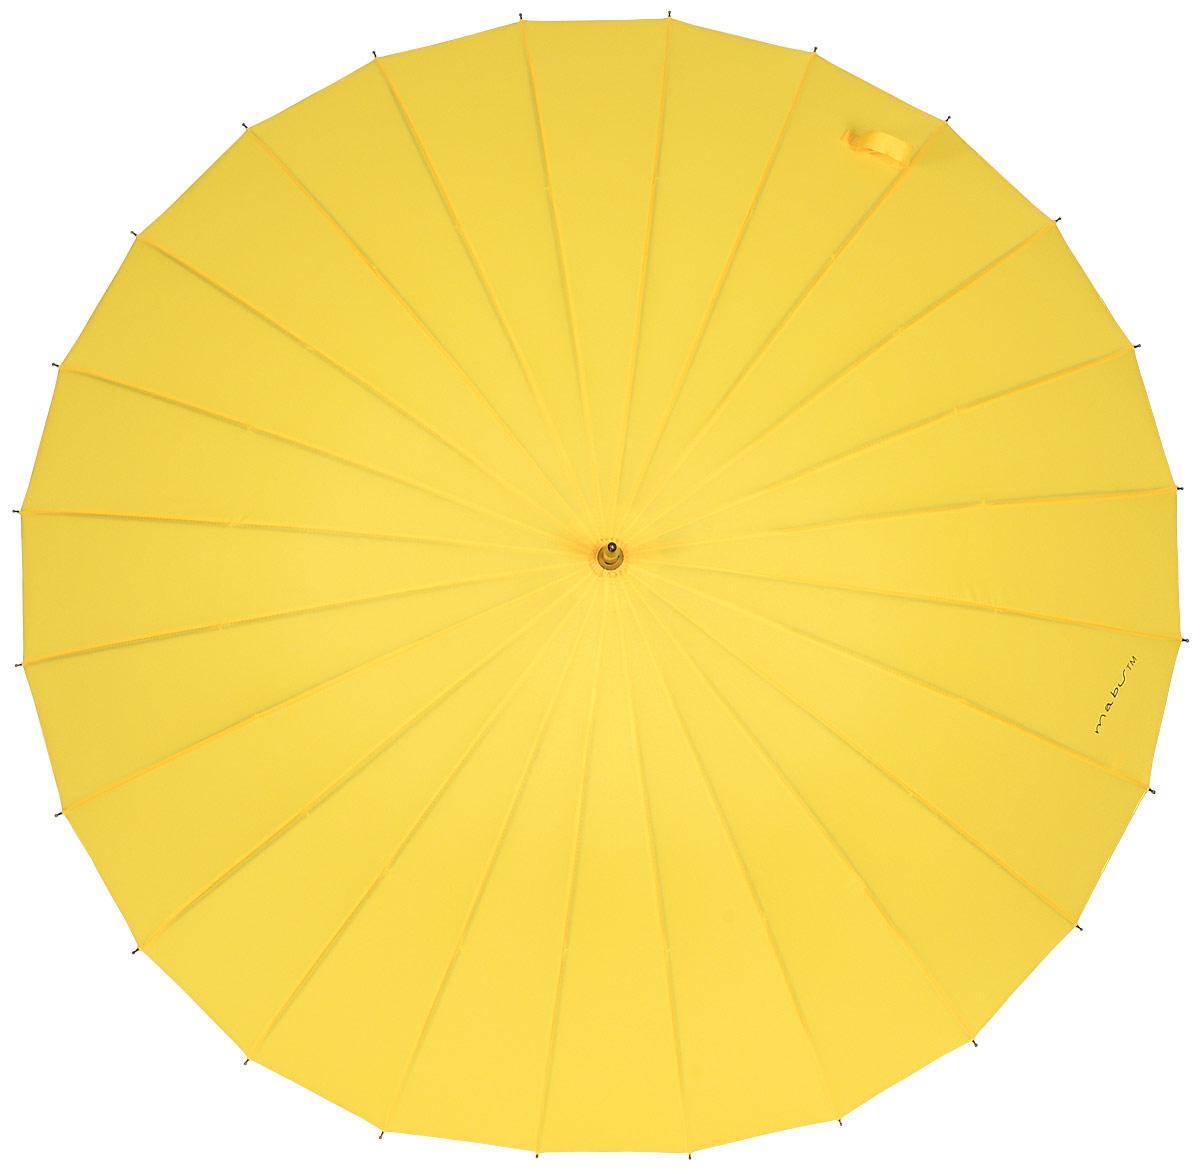 Зонт женский Kawaii Factory Mabu, цвет: желтый. KW042-000033П250070003-9Элегантный зонт от Kawaii Factory Mabu даже в ненастную погоду позволит вам оставаться стильной и элегантной. Зонт состоит из стержня и 24 спиц, изготовленных из металла. Купол изготовлен из полиэстера, который надежно защитит вас от дождя. Зонт дополнен удобной ручкой, которая выполнена в виде крючка. Также зонт имеет пластиковый наконечник, который устраняет попадание воды на стержень и уберегает зонт от повреждений. Изделие имеет механический механизм сложения. Зонт закрывается хлястиком на кнопку.